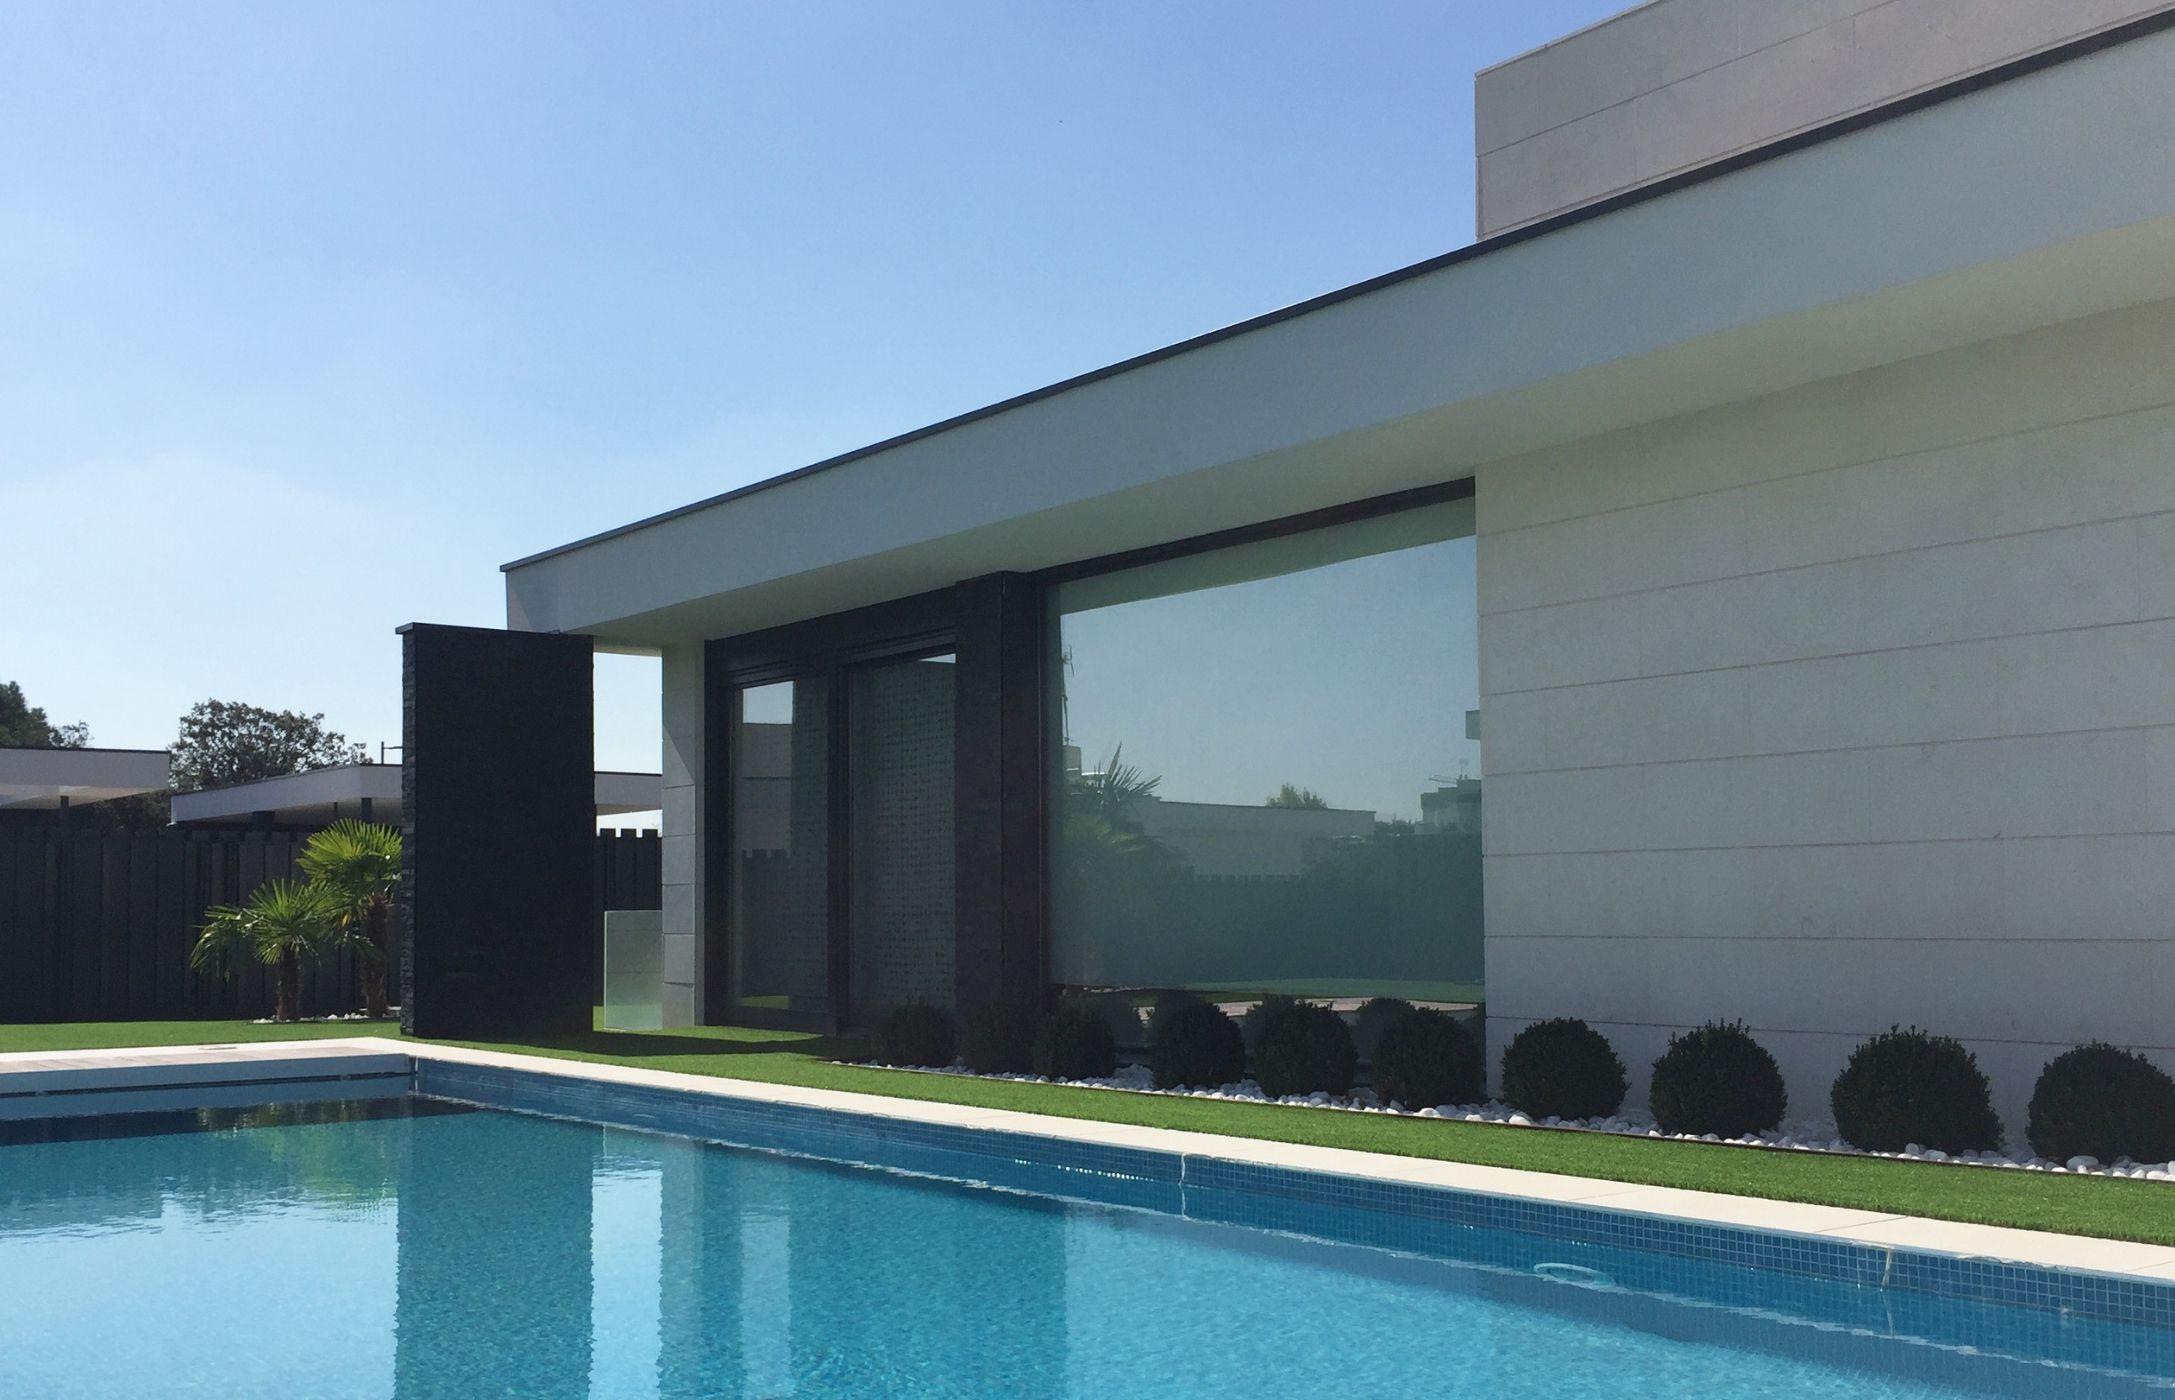 QHOMES14. 14 viviendas unifamiliares en Boadilla del Monte (Madrid). Proyecto de FH2L Arquitectos